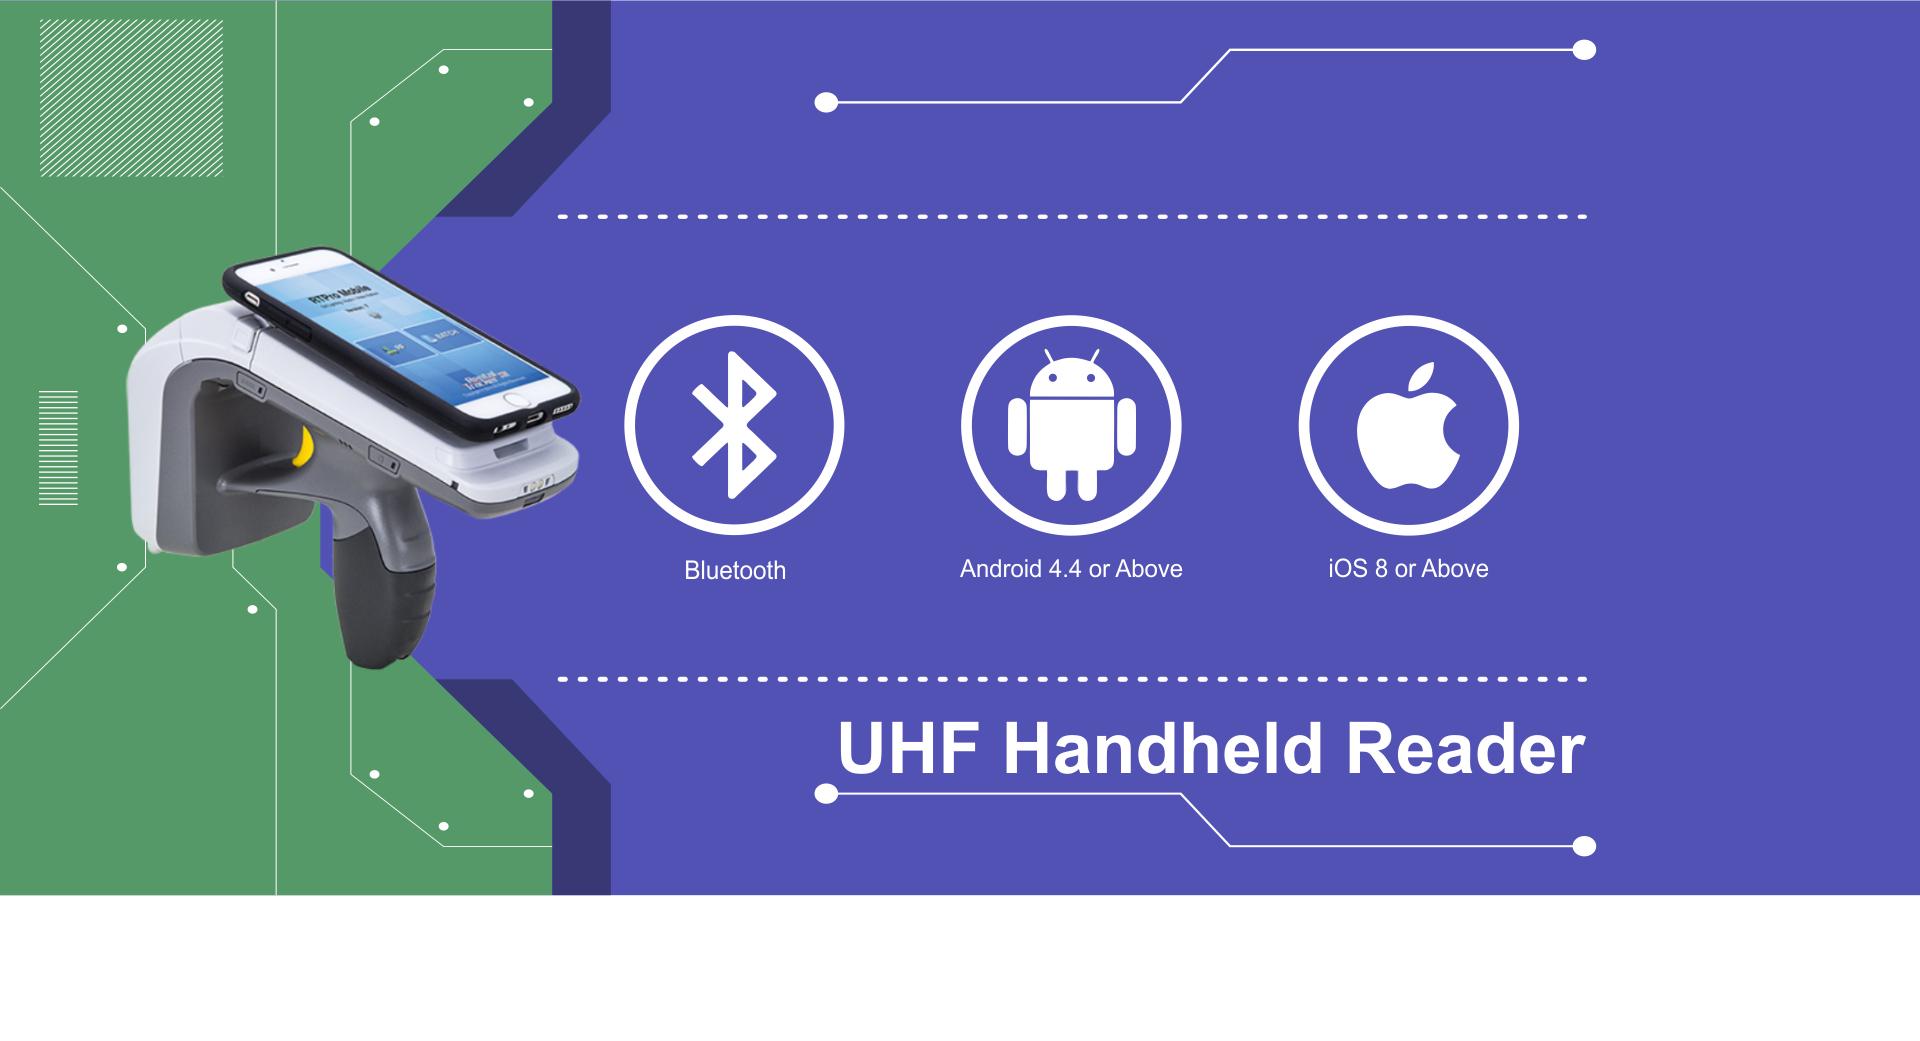 UHF Handheld